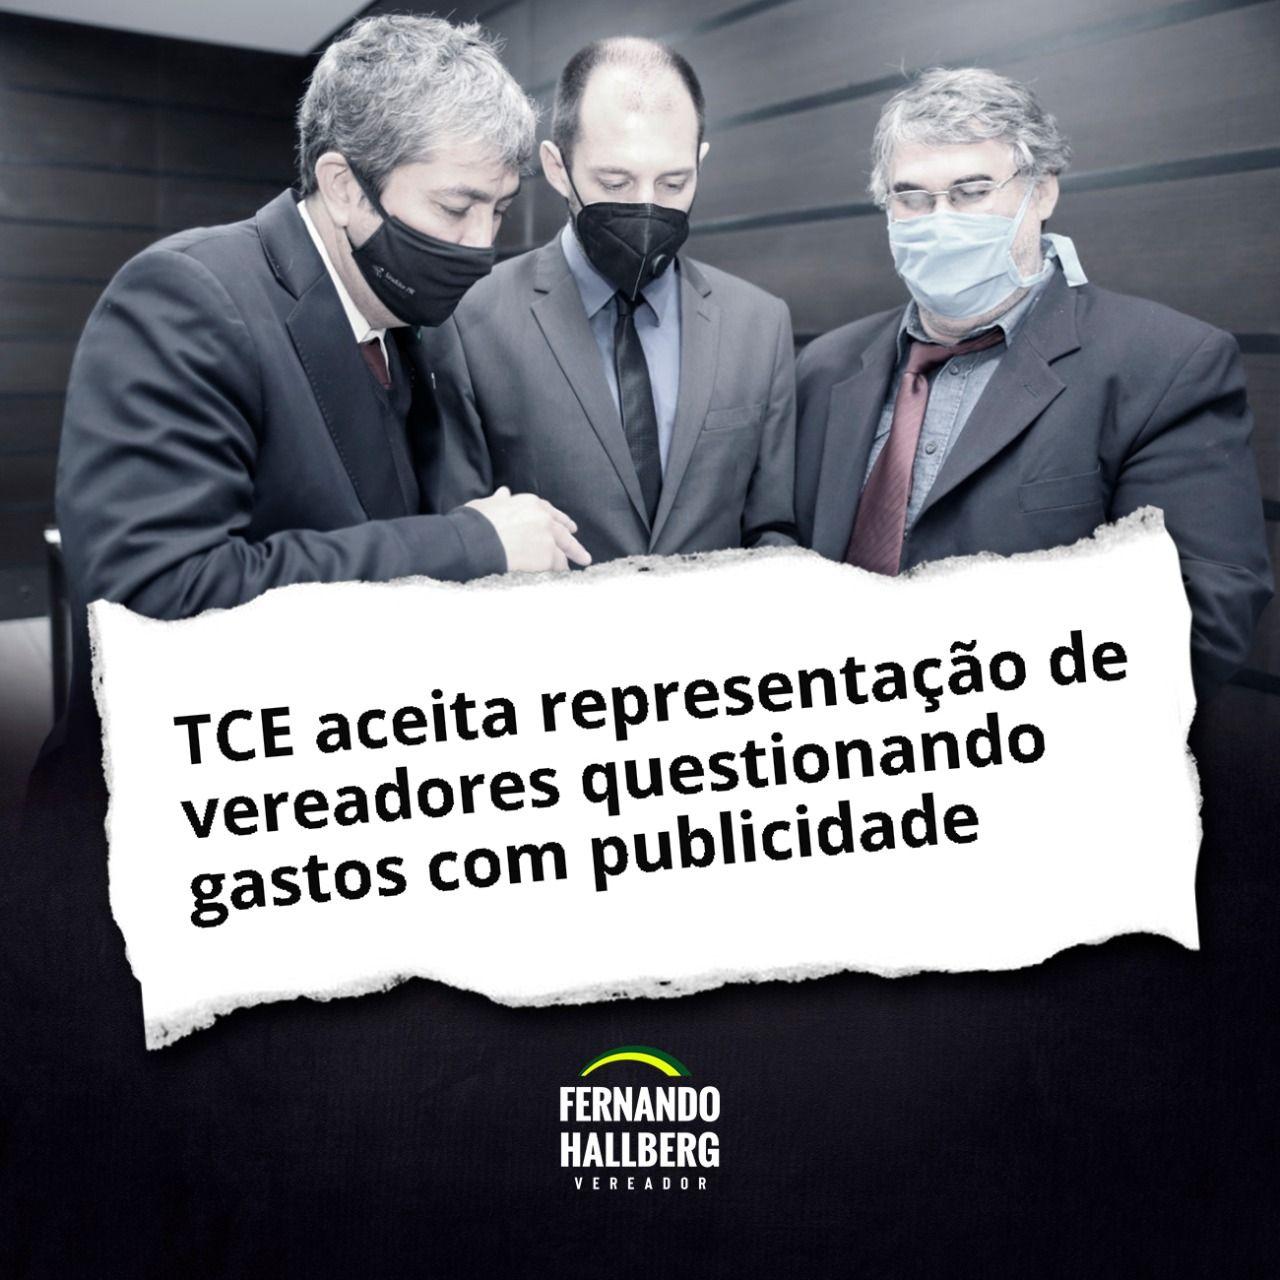 TCE aceita representação de vereadores questionando gastos com publicidade